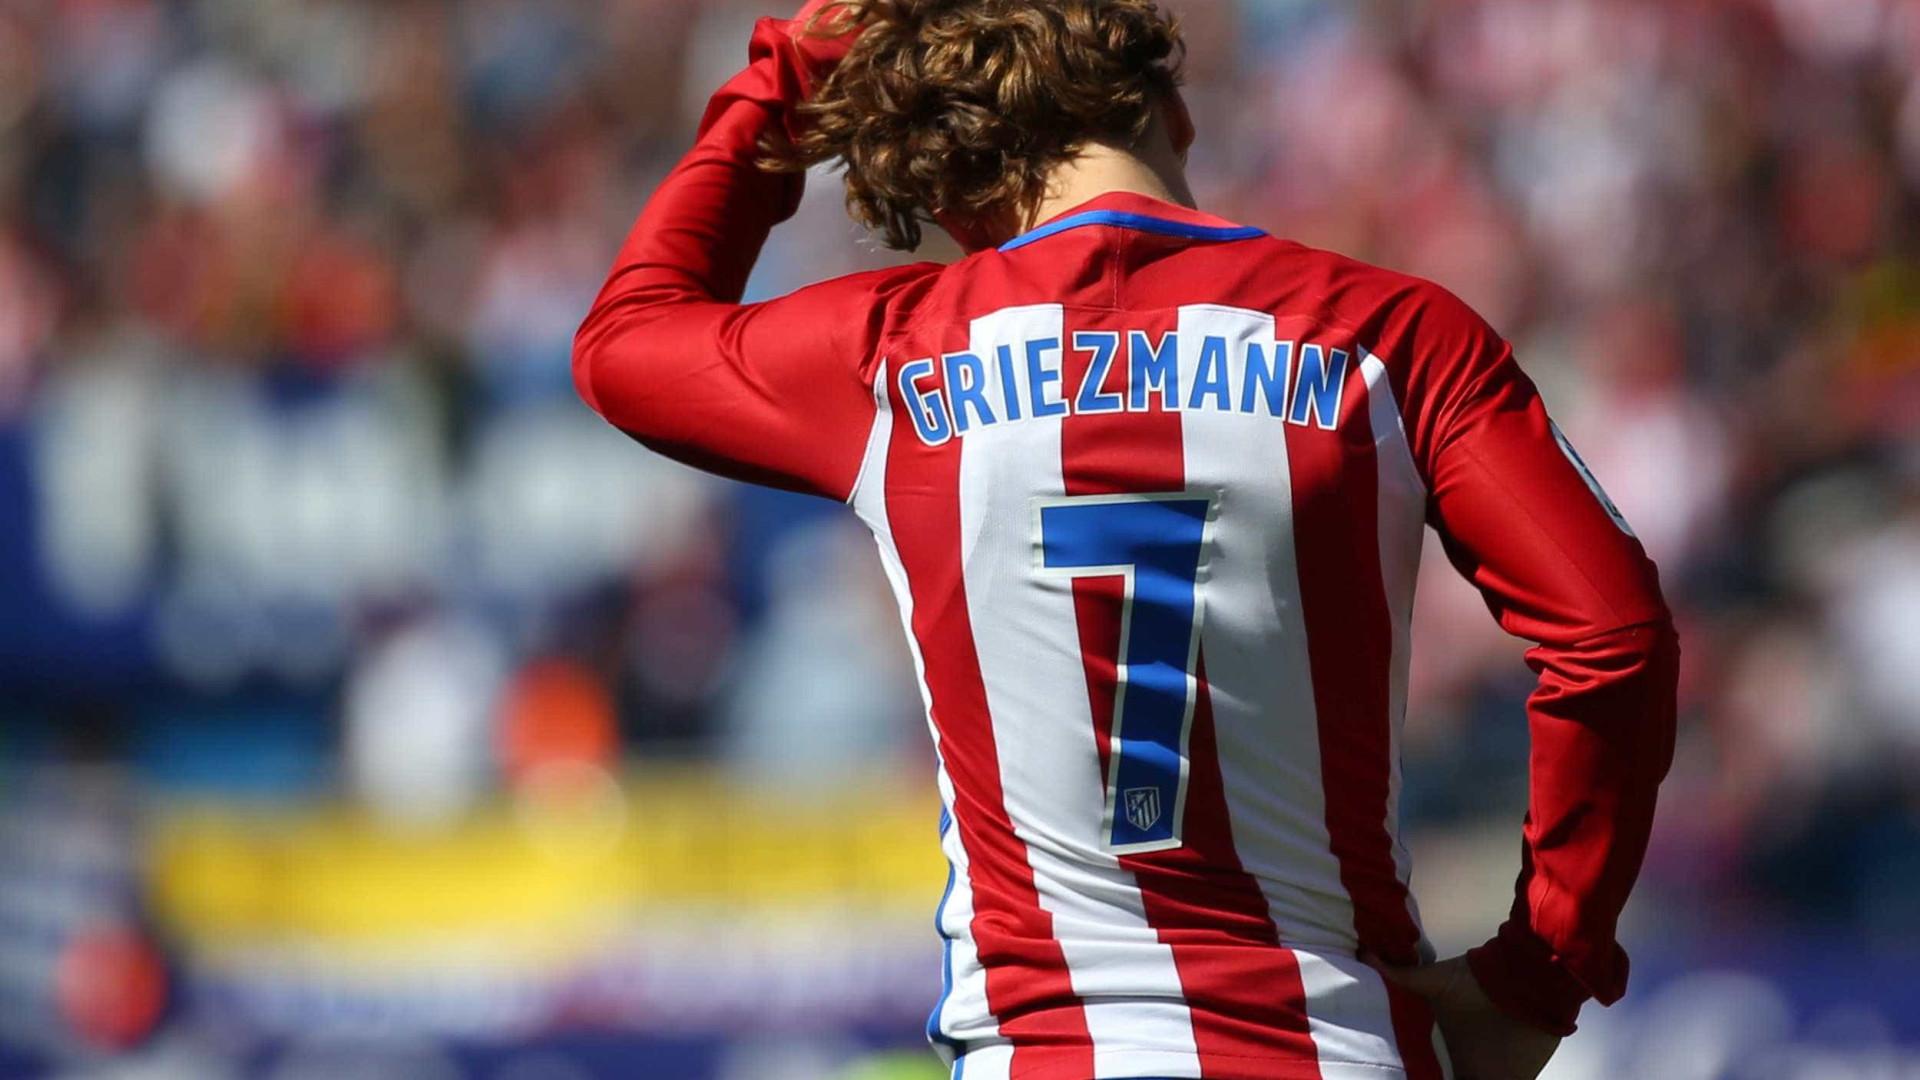 Griezmann explica que ficou no Atlético por proibição do clube em contratar